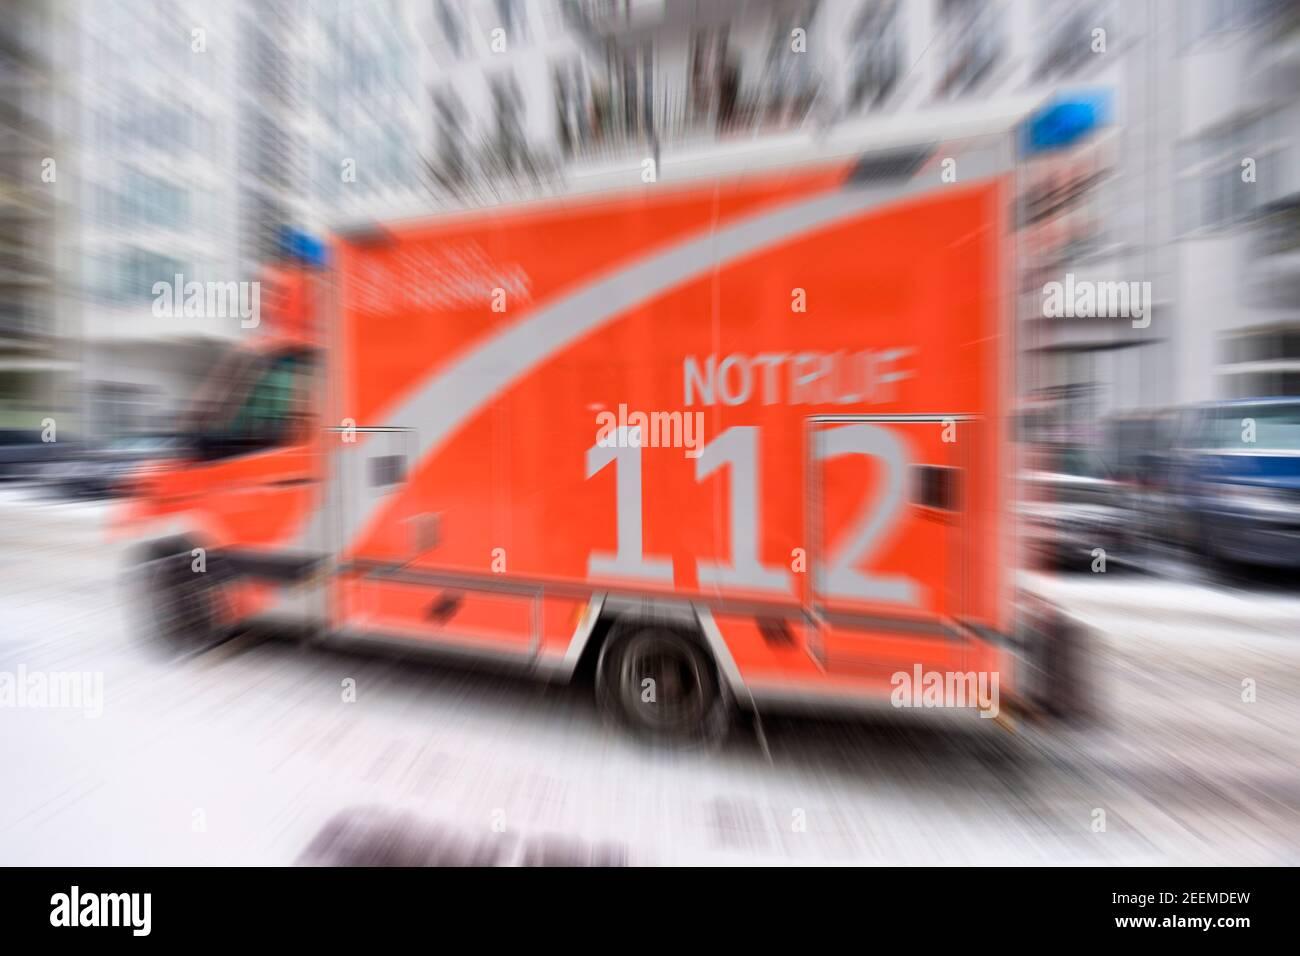 Notarzt Rettungswagen der Berliner Feuerwehr, Einsatzfahrt mit Blaulicht, Blaulicht und Matinshorn, Ambulanz, Kreuzberg, Berlin Stock Photo